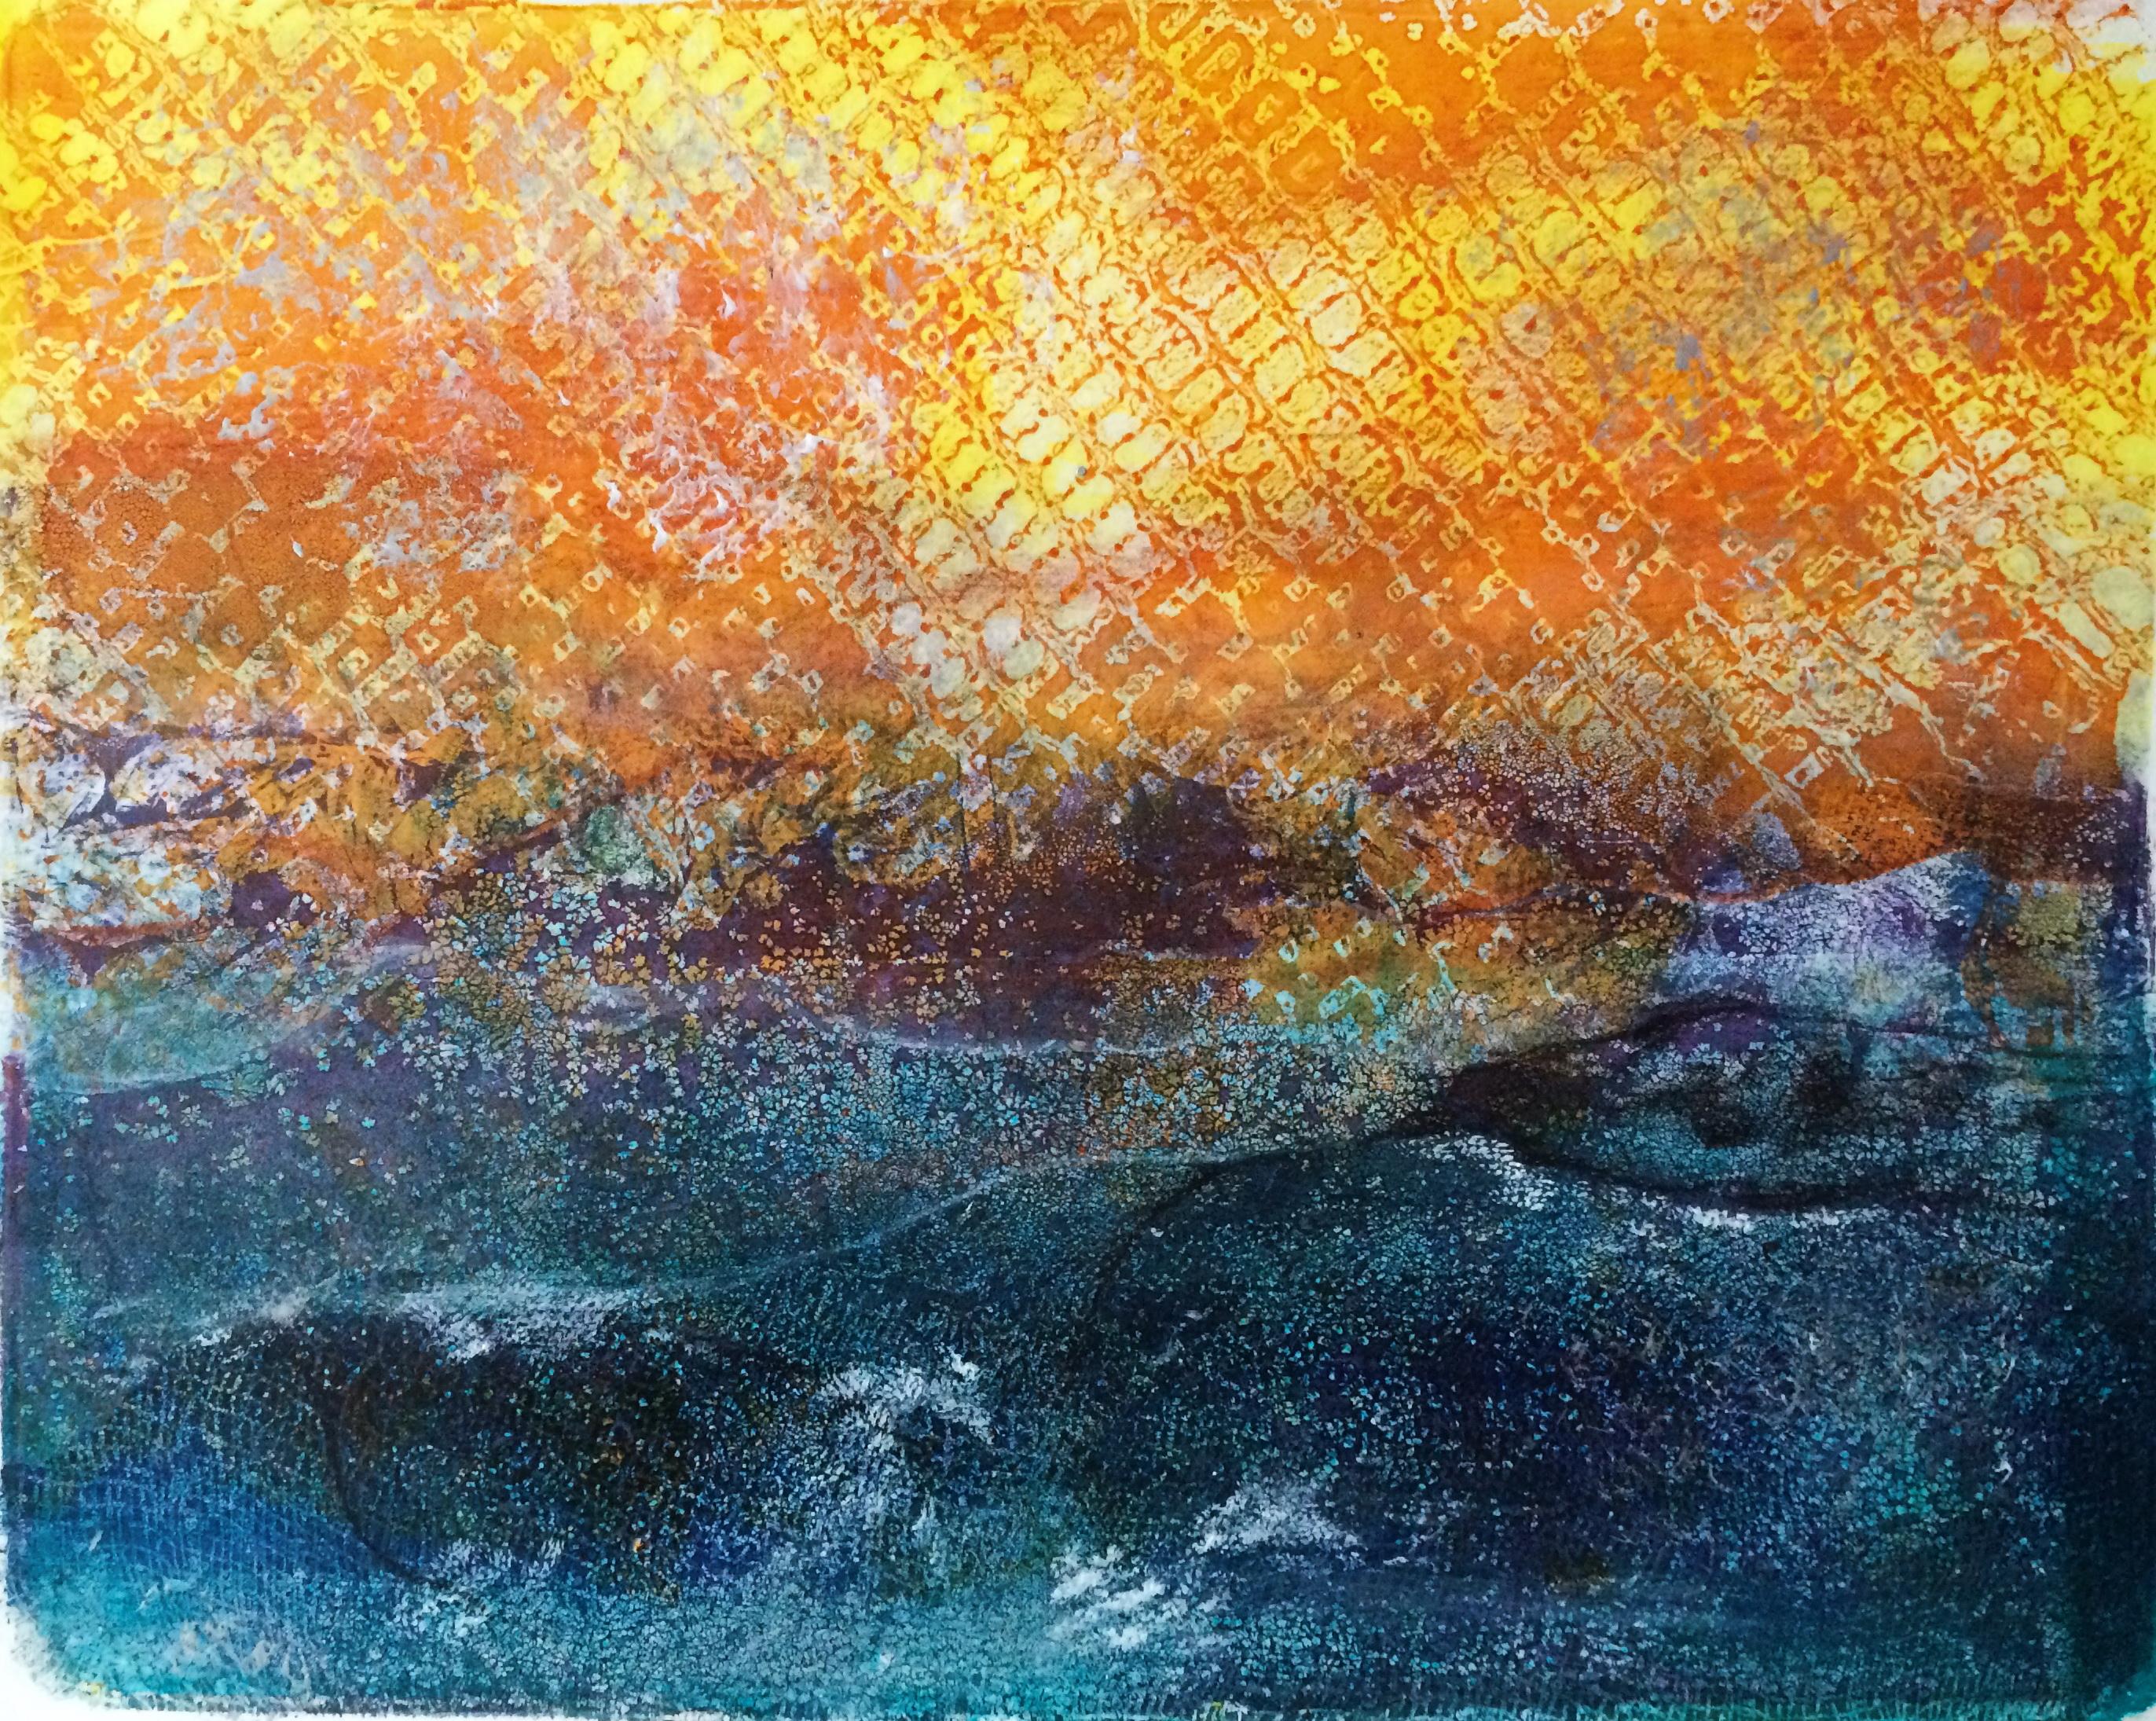 Untitled ocean